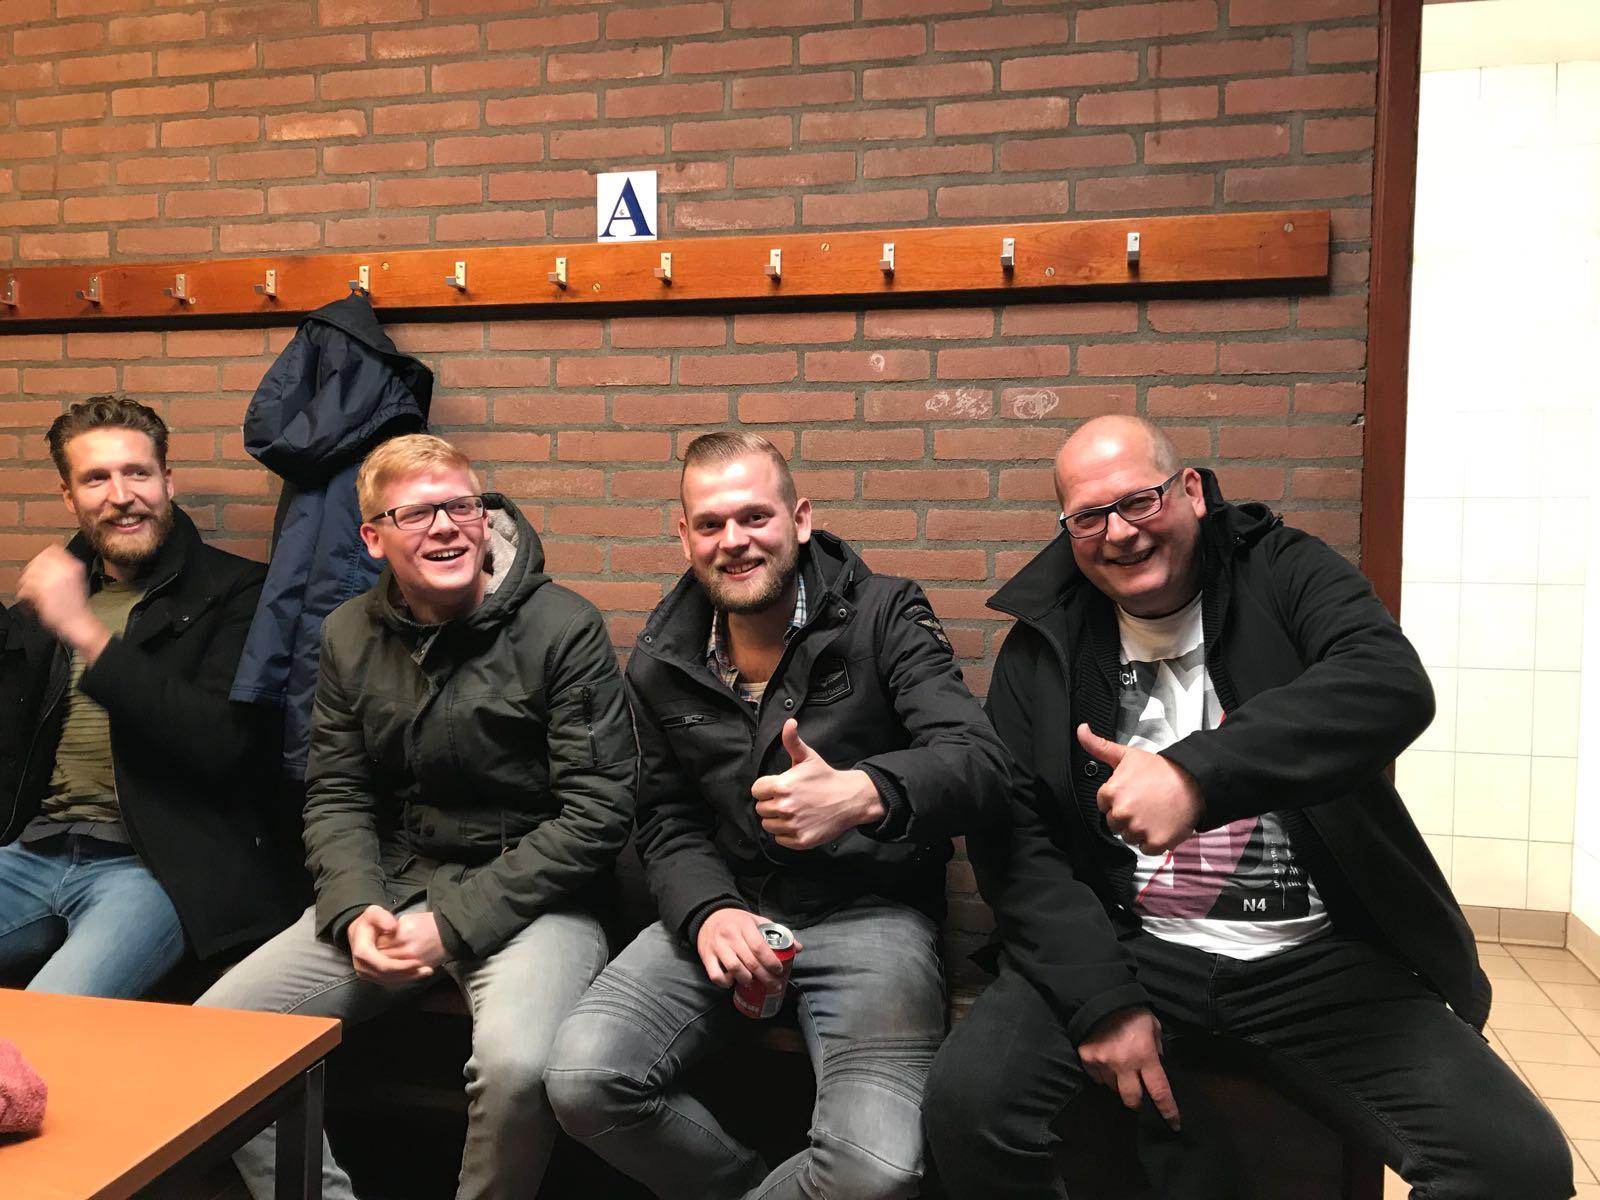 Periodekampioen Halle verliest van Ajax.